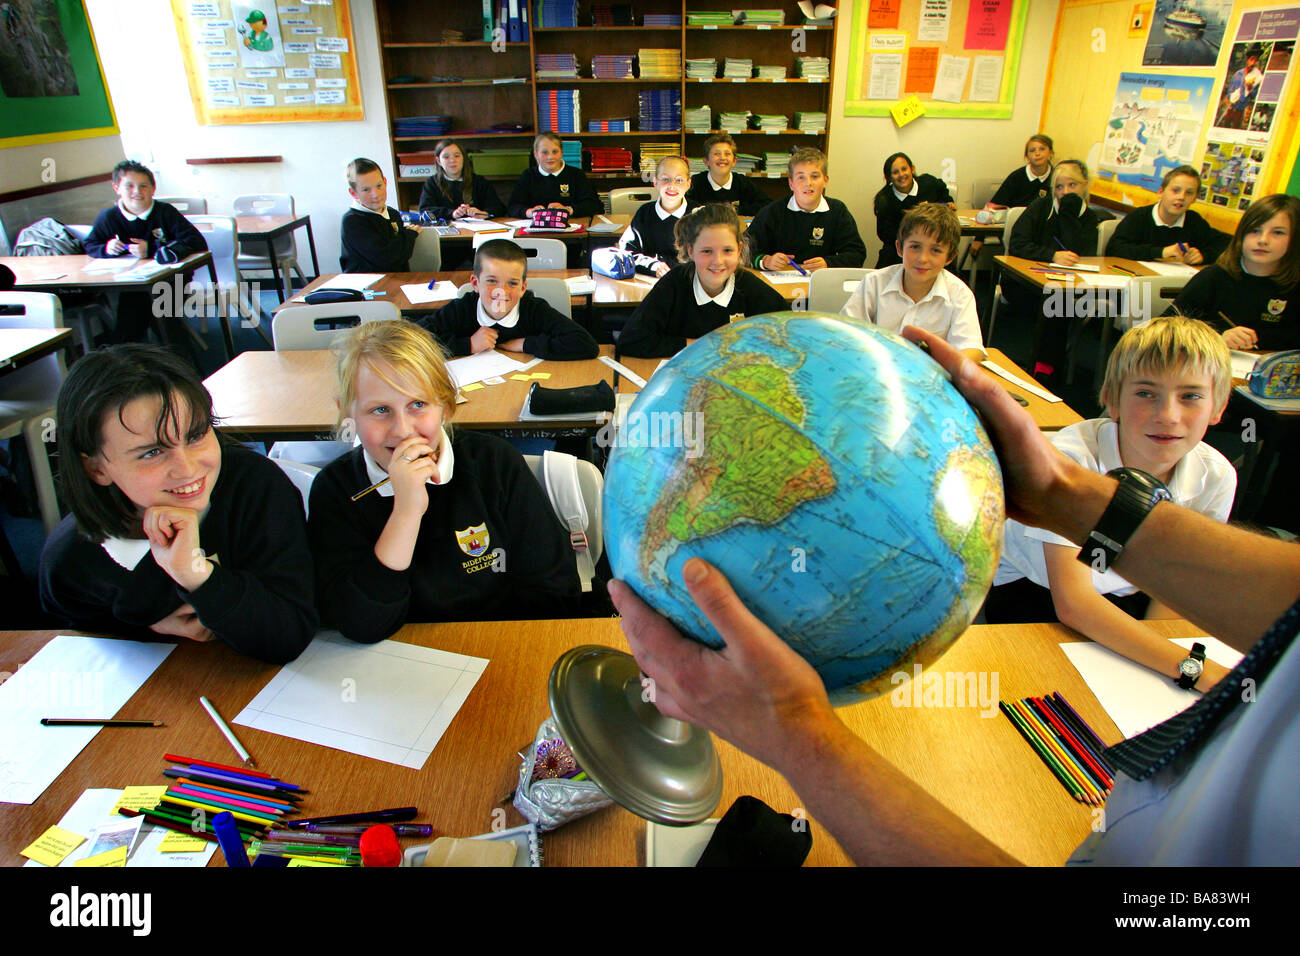 Erdkundeunterricht in der Schule, Devon, UK. * Redaktionelle Nutzung nur * Stockbild